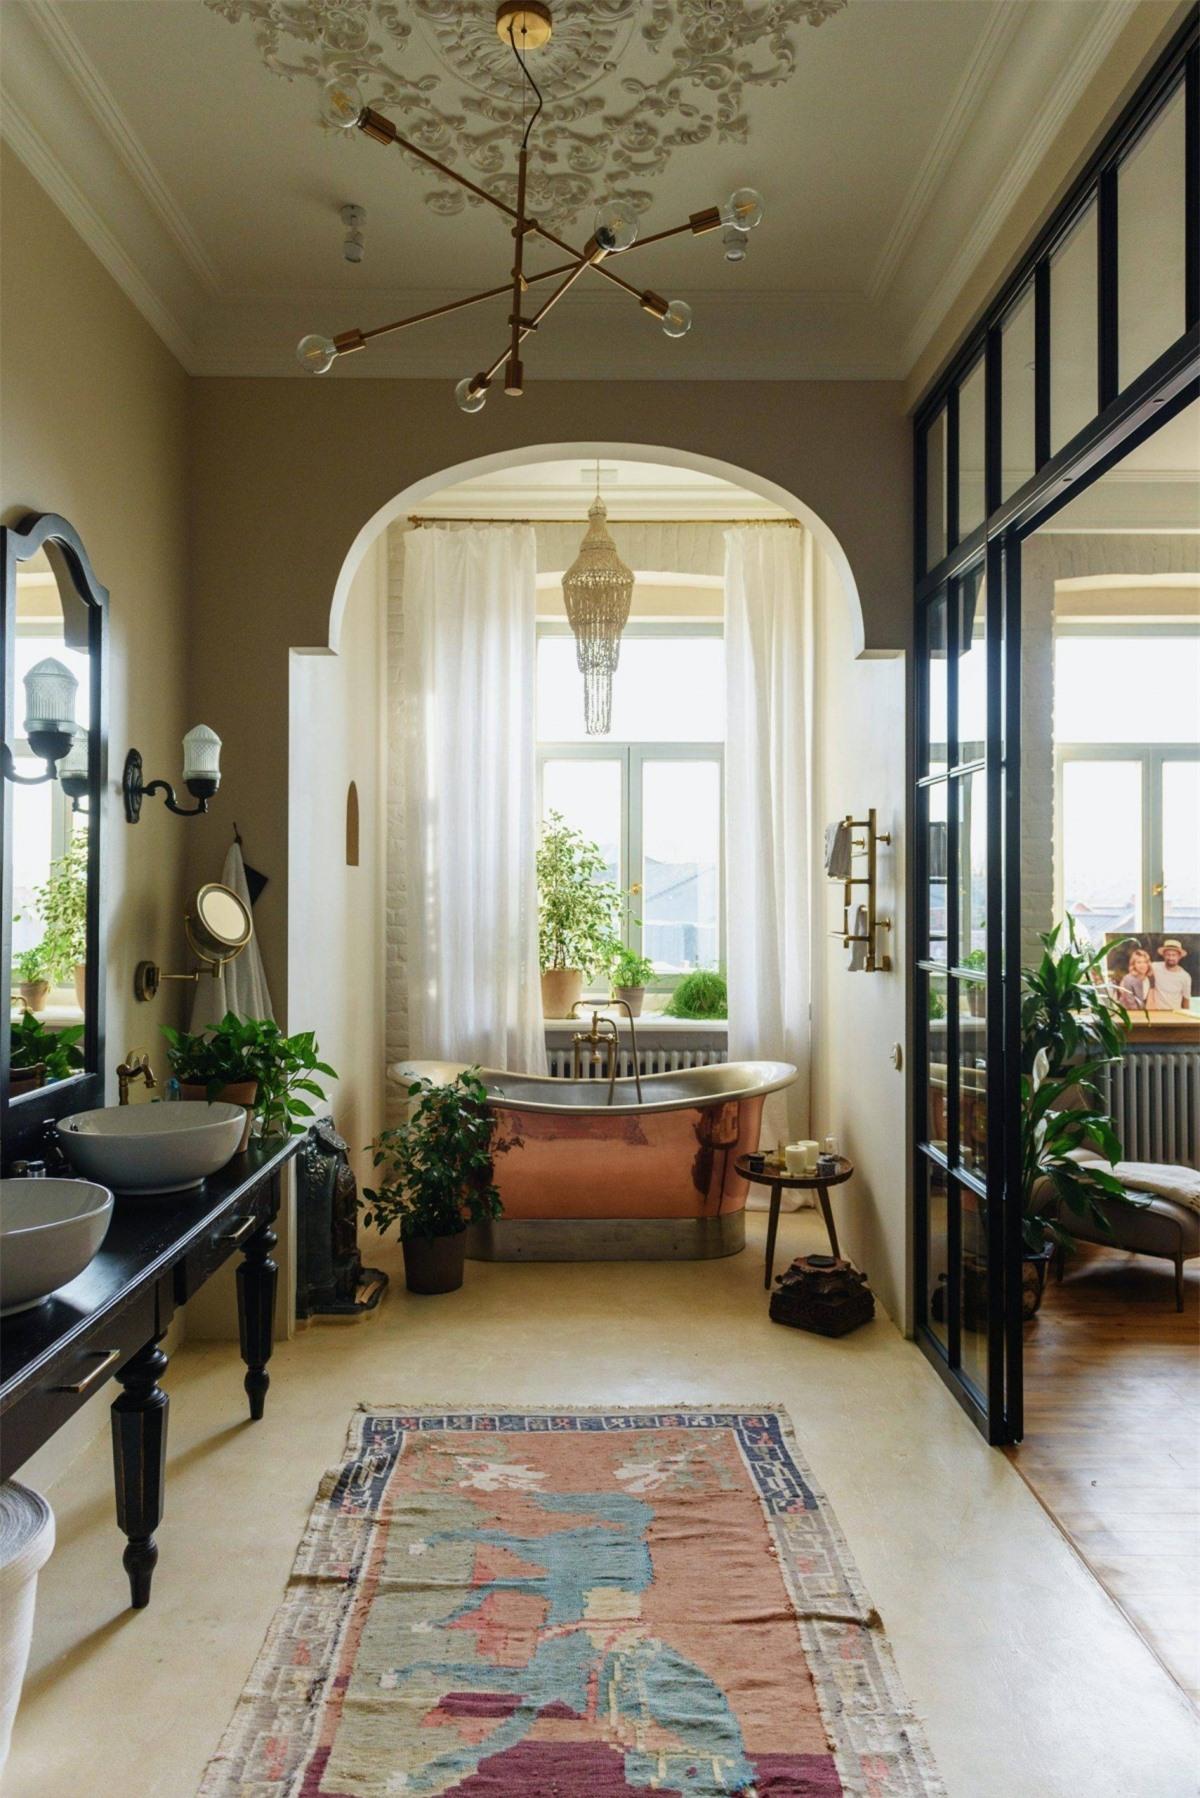 Nếu muốn tạo nên một bầu không khí tươi mới mỗi khi bước vào phòng tắm thì nên bố trí thêm một vài chậu cây xanh kết hợp cùng ánh sáng tự nhiên.